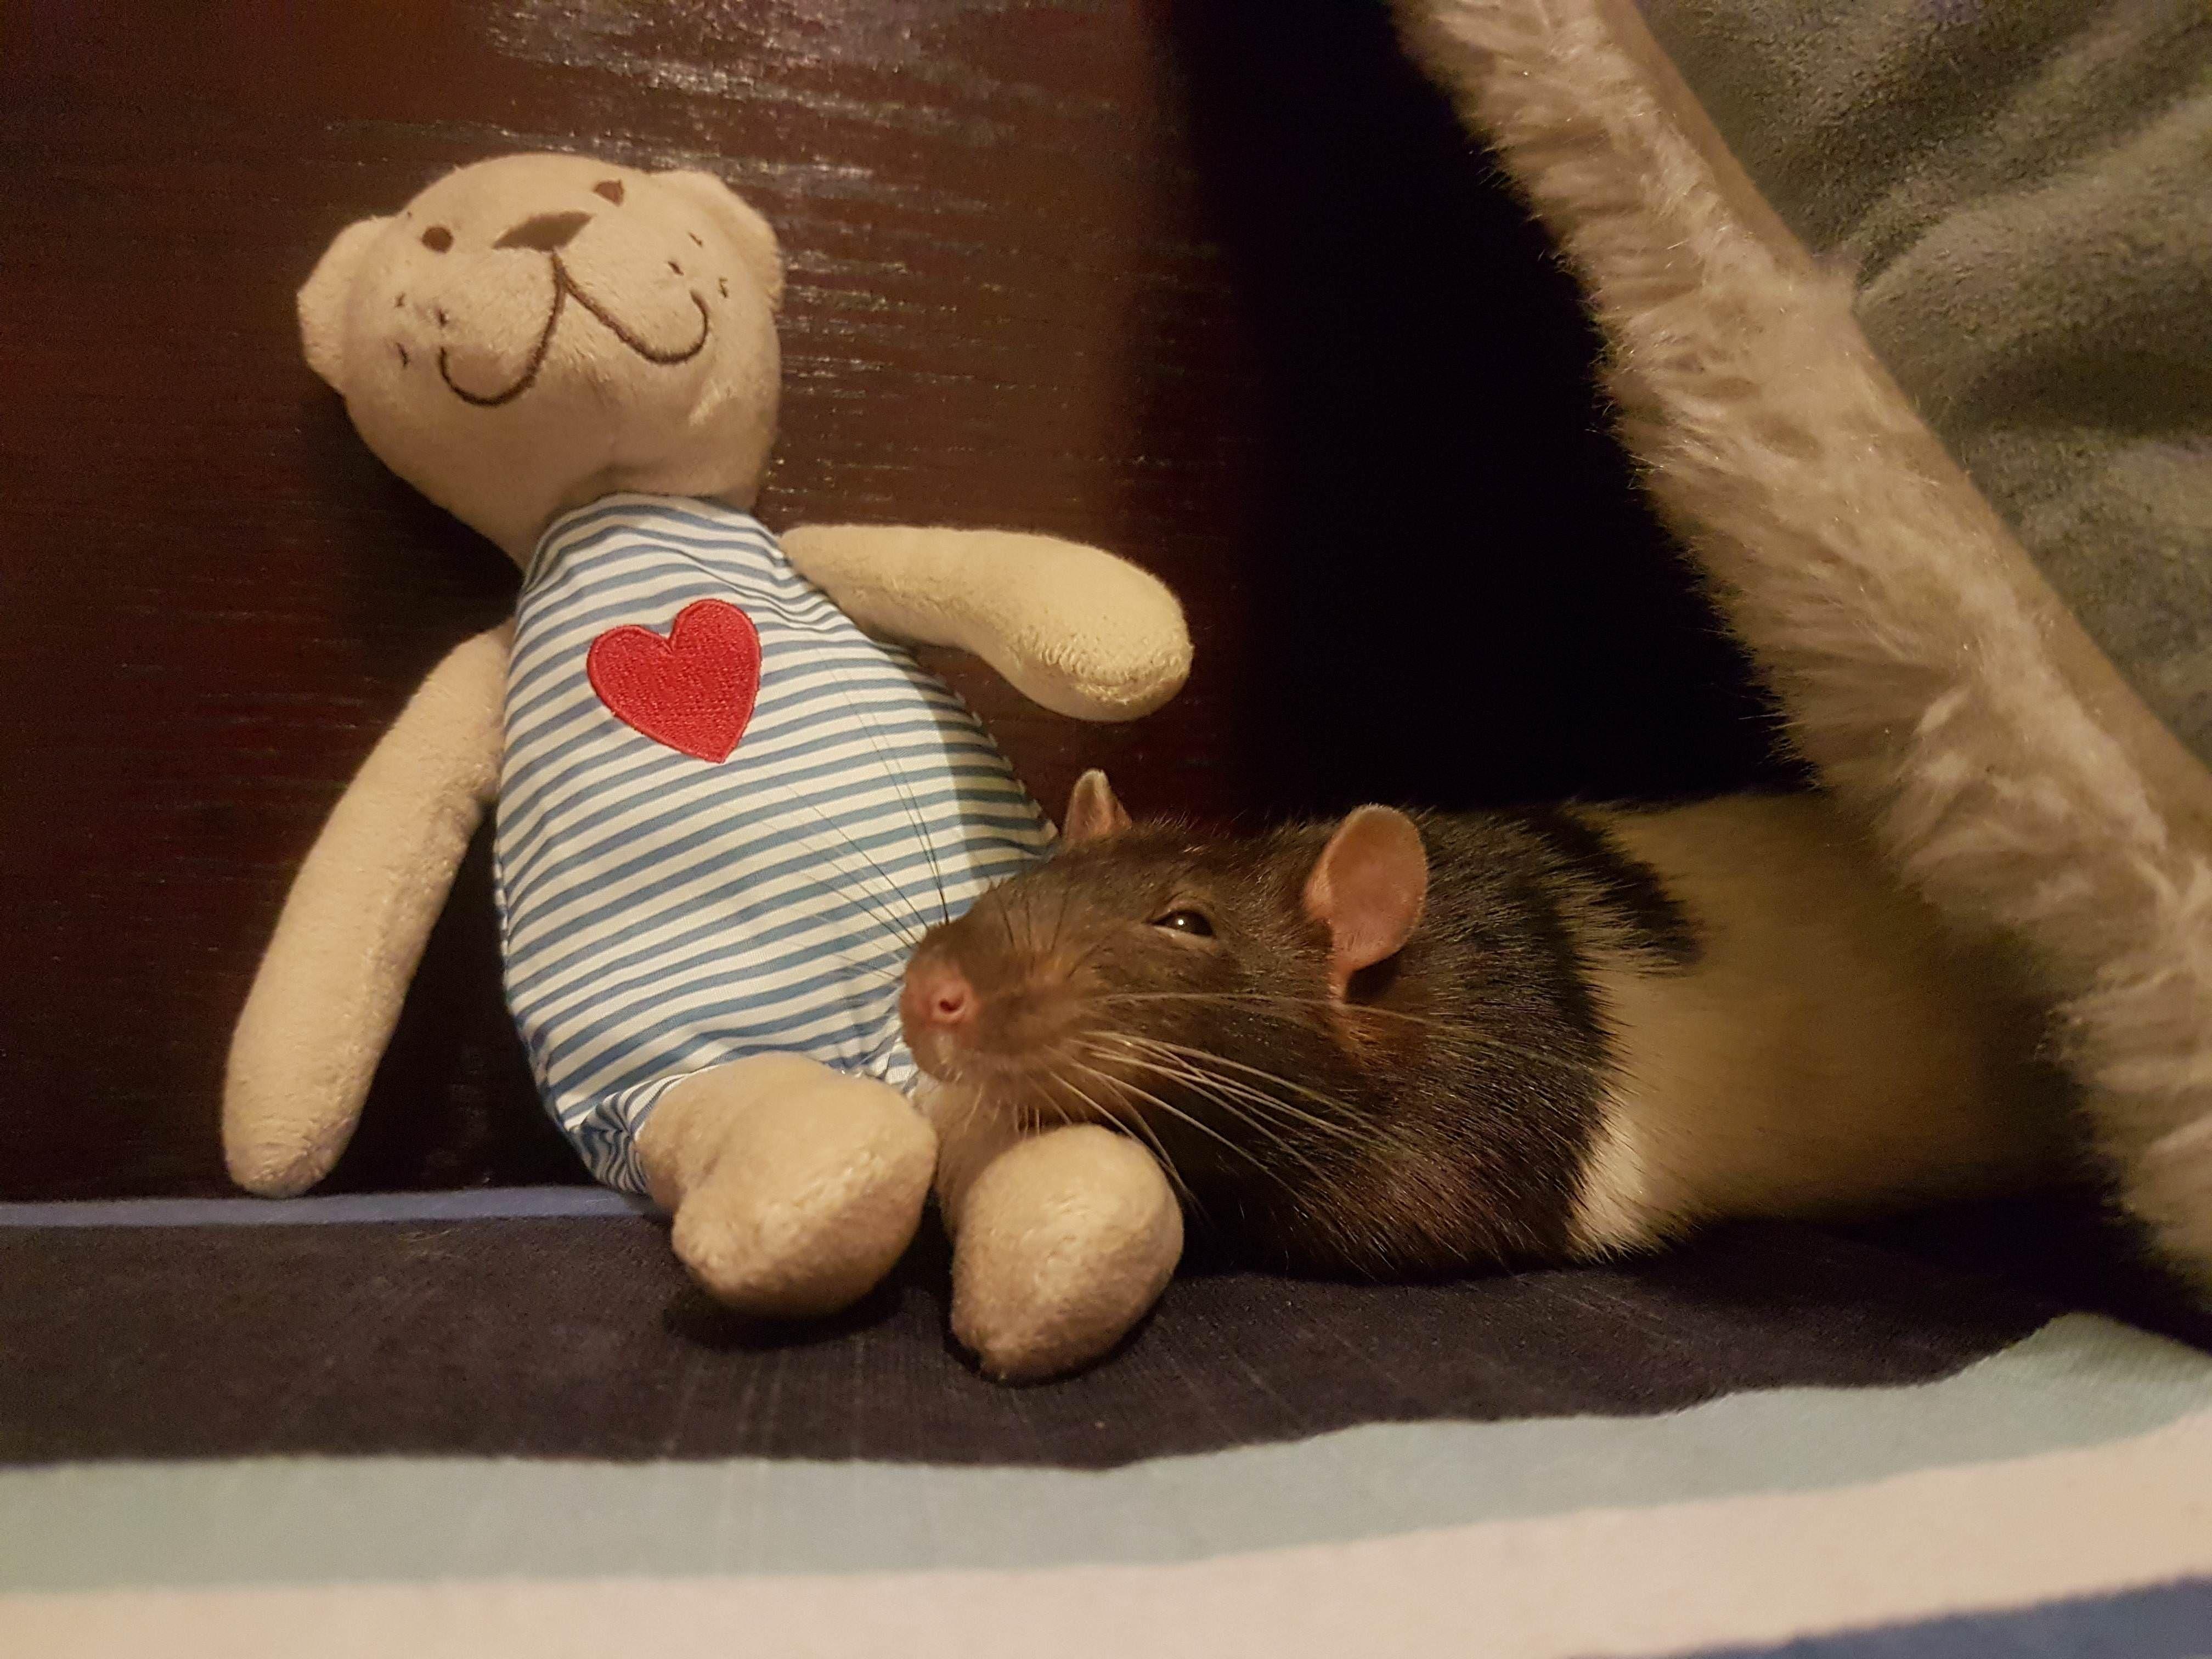 Bed rat in bed again aww cute rat cuterats